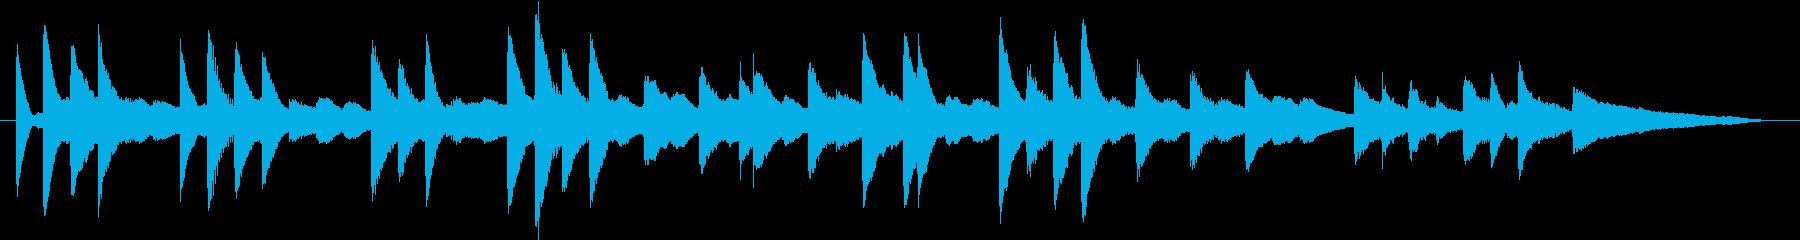 モミの木モチーフXmasピアノジングルEの再生済みの波形